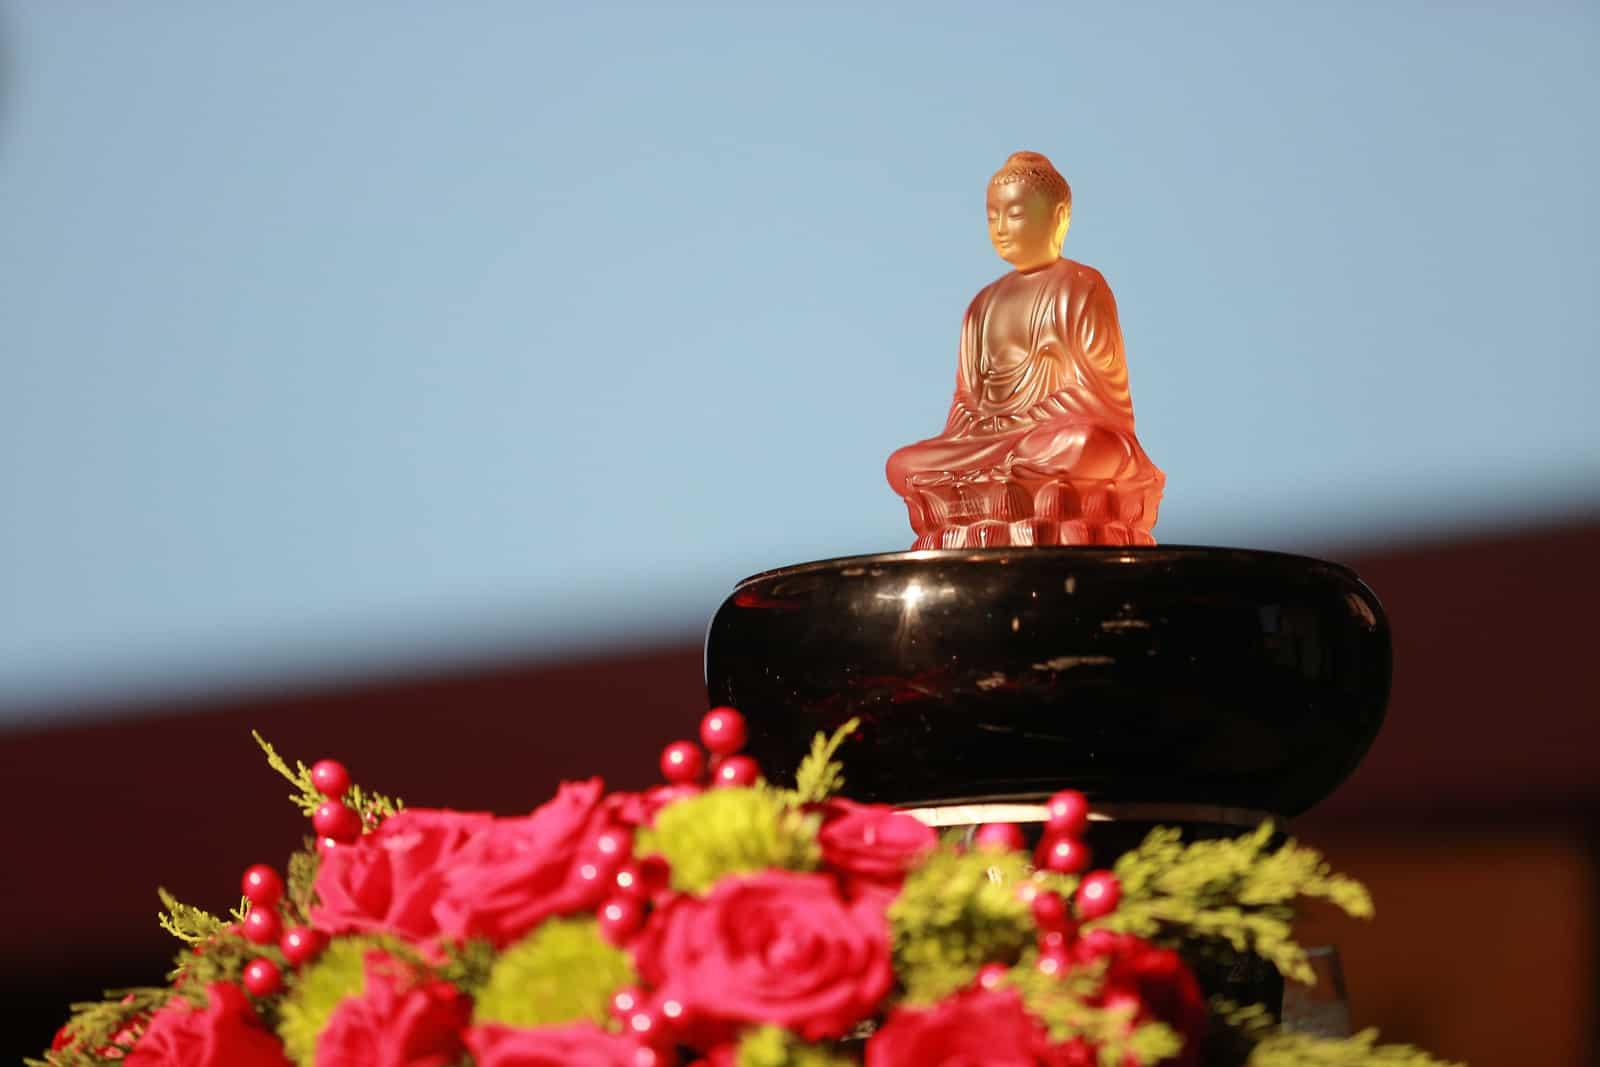 Lalique - Đấu Giá Thành Công Tượng Phật Pha Lê, Mang Lại Nụ Cười Đổi Đời Cho Trẻ Em Việt 3